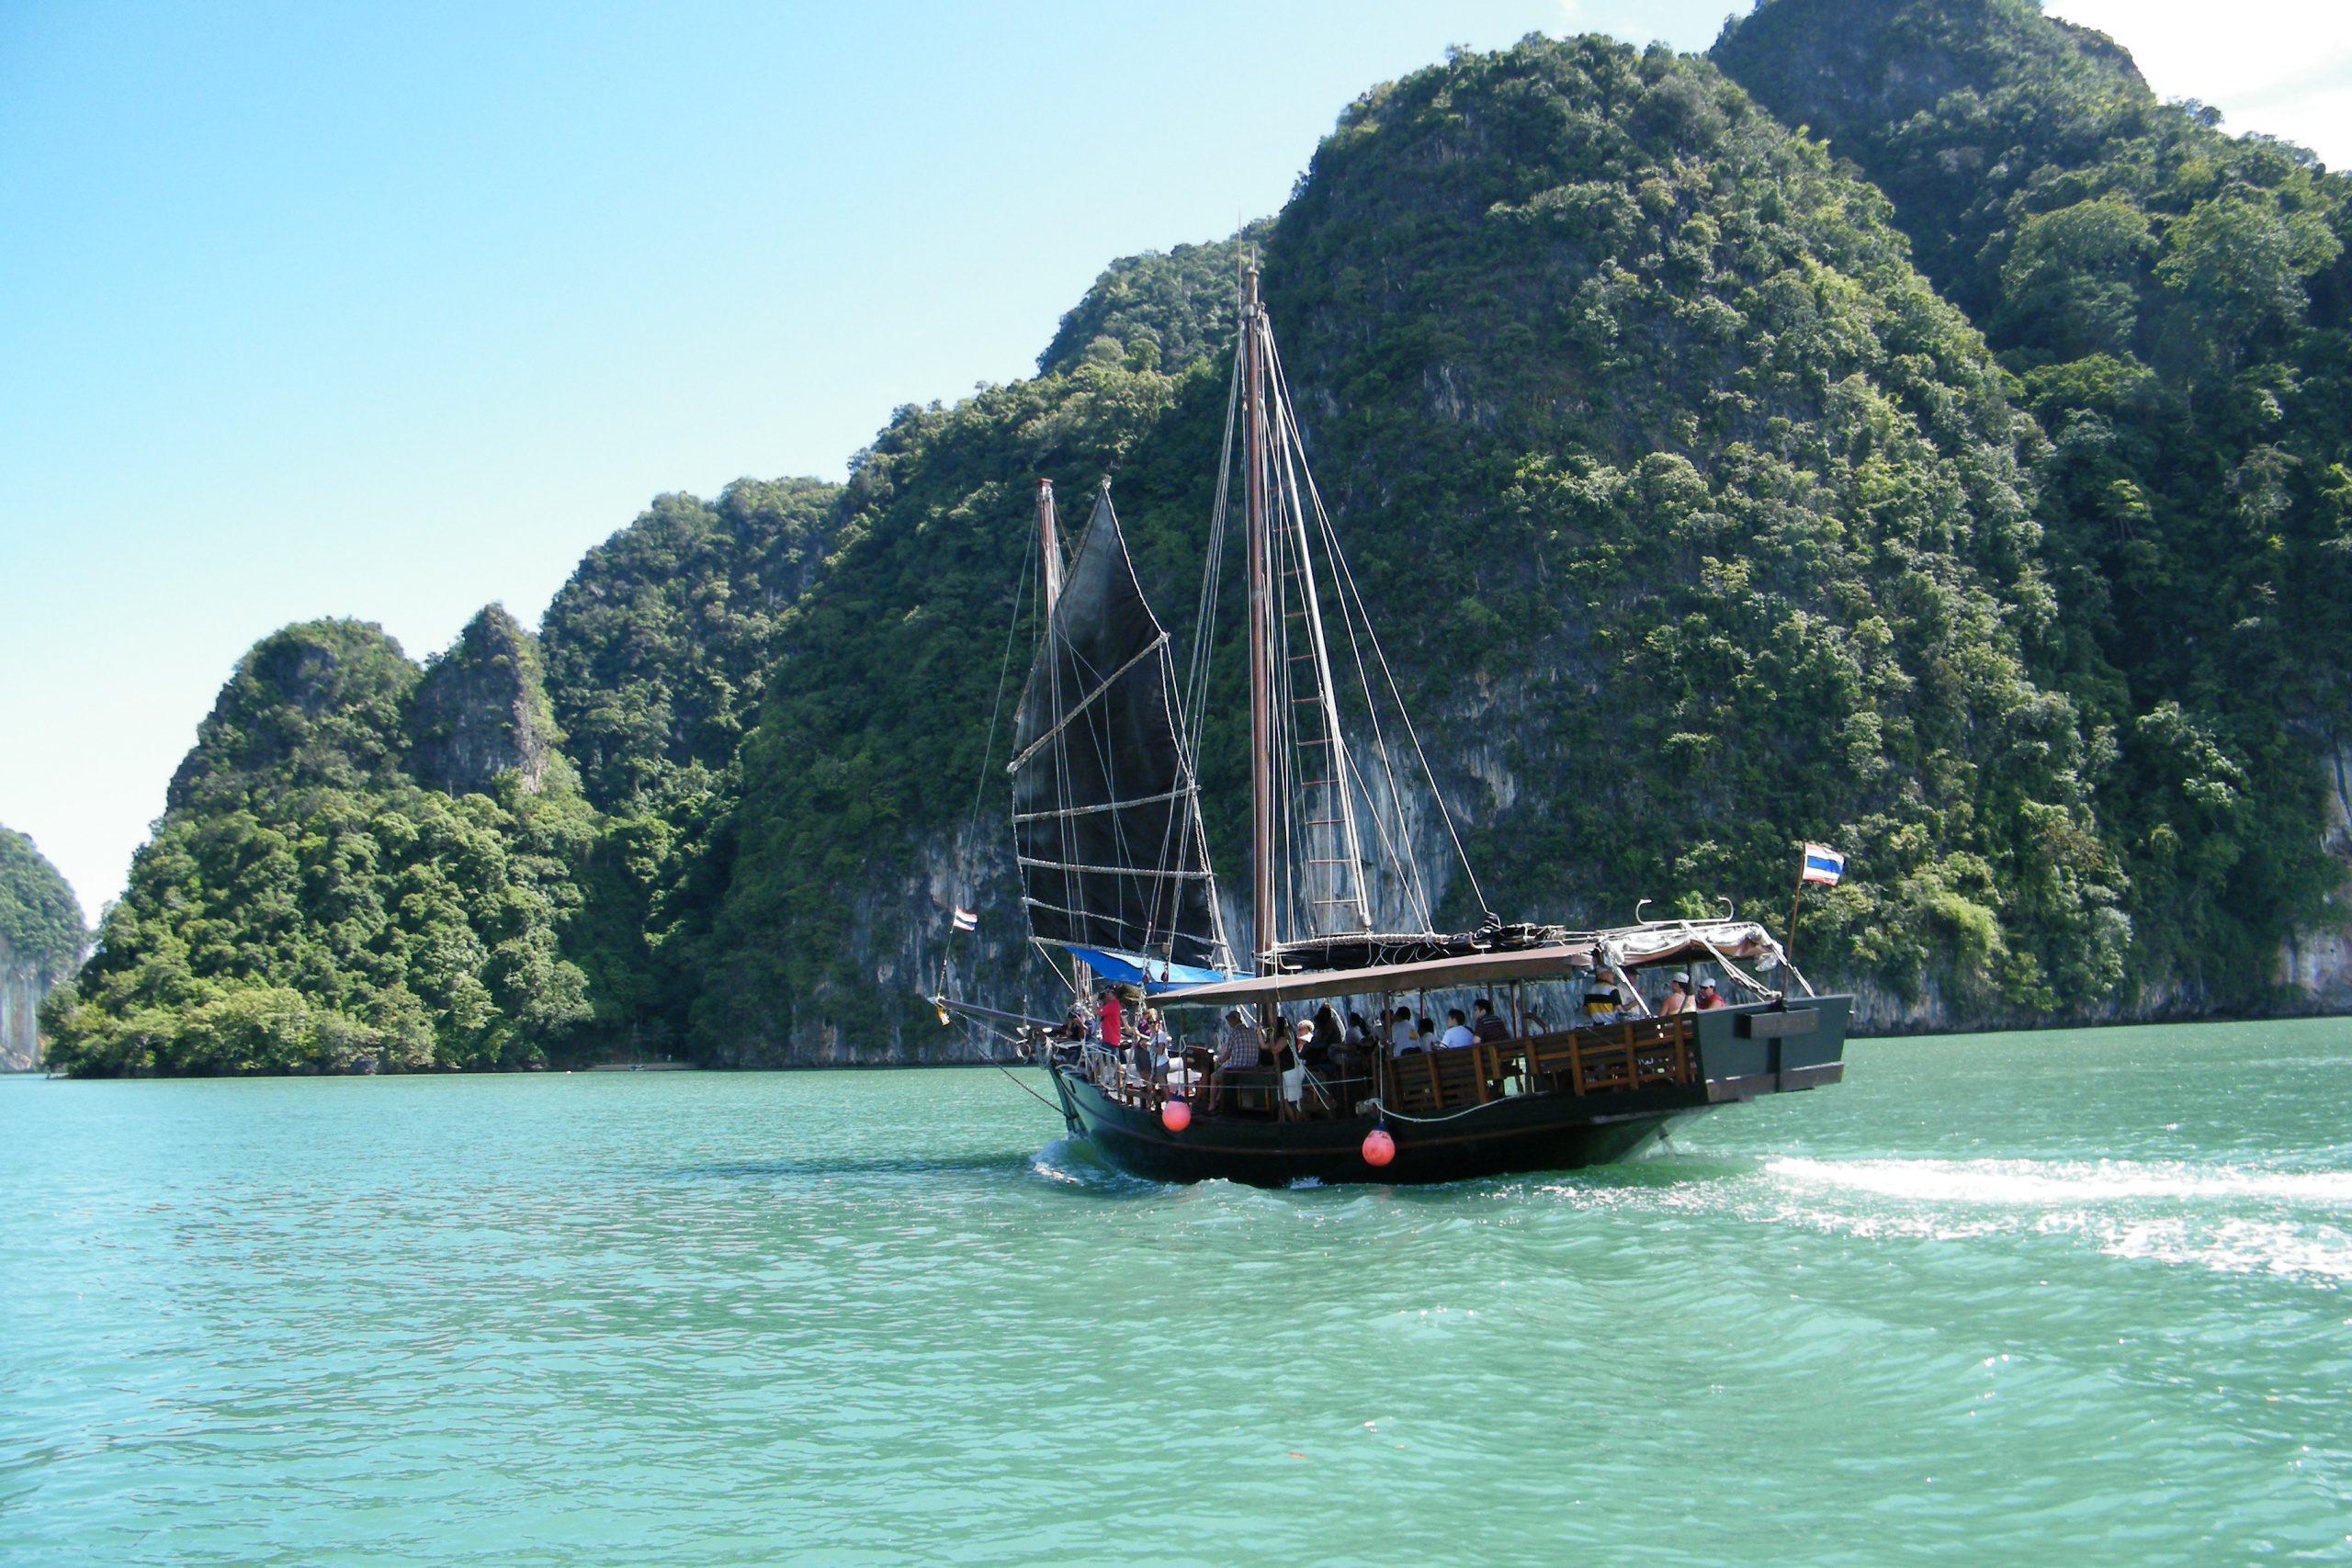 Thailand er længere fremme med en genåbning en flere andre asiatiske lande, men endnu må kun meget få udlændinge komme ind i landet. Thailand håber i øjeblikket at genåbne for en række lande 1. september. Her arkivfoto fra farvandet omkring Thailands største ø, Phuket, foto: Henrik Baumgarten.